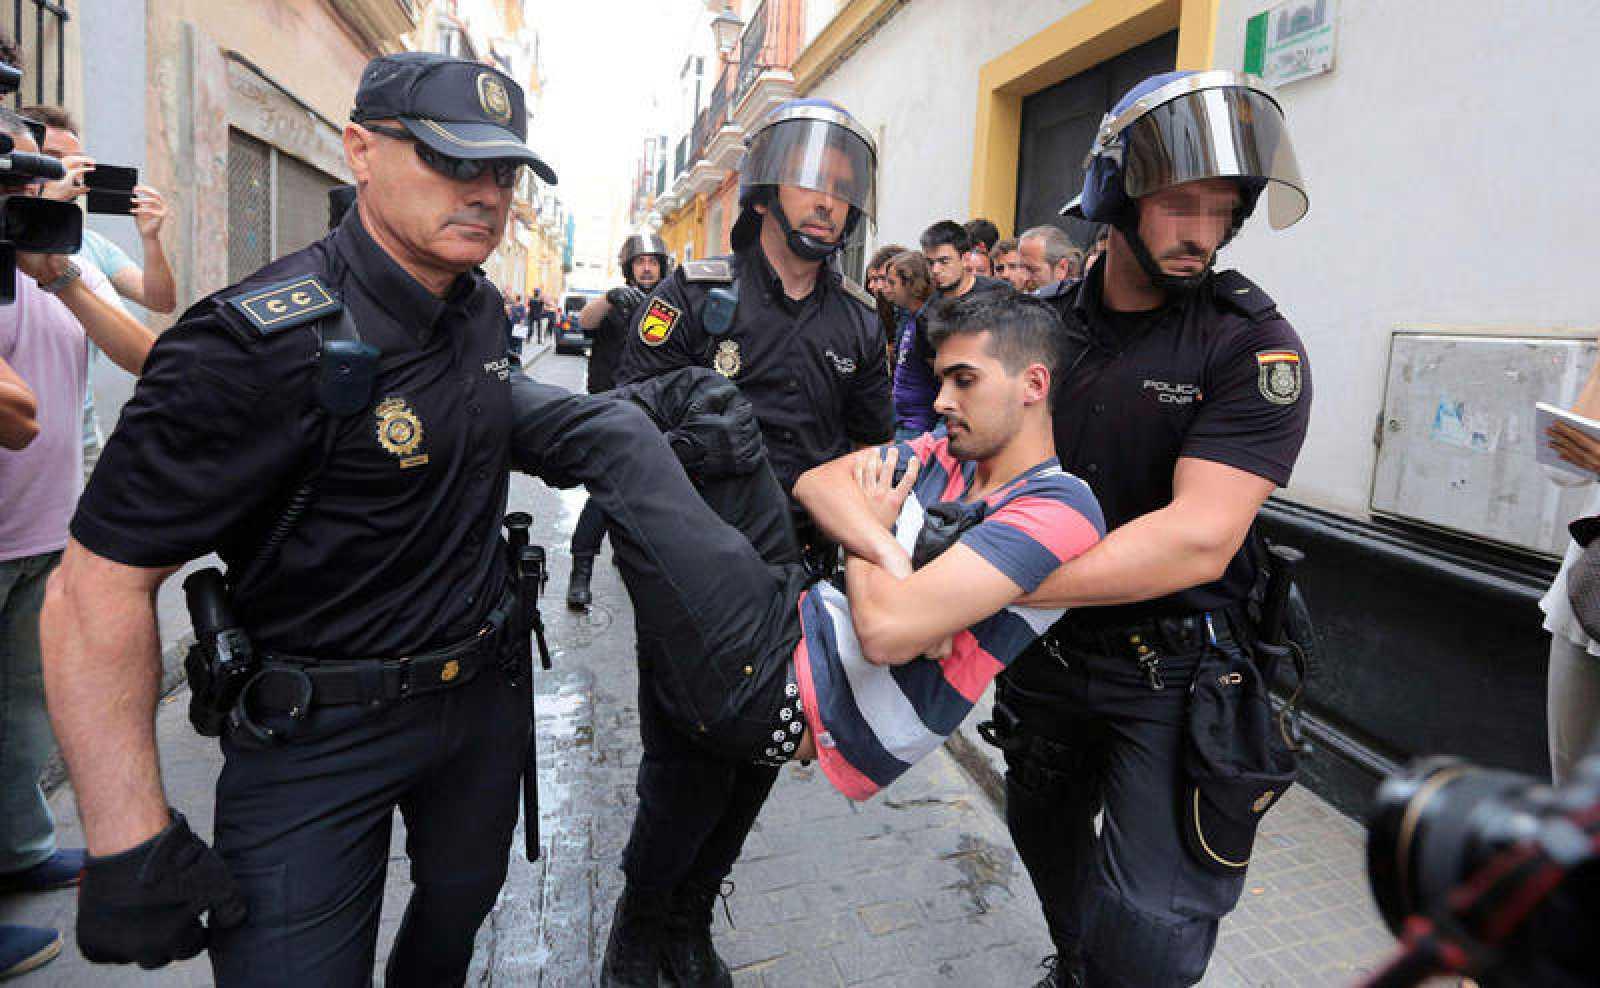 Agentes de la Policía Nacional llevan a una de las personas que intentaban evitar un desahucioa una familia que vivía en su casa de Cádiz en régimen de alquiler pero que finalmente fue desalojada en 2015 por una orden judicial.